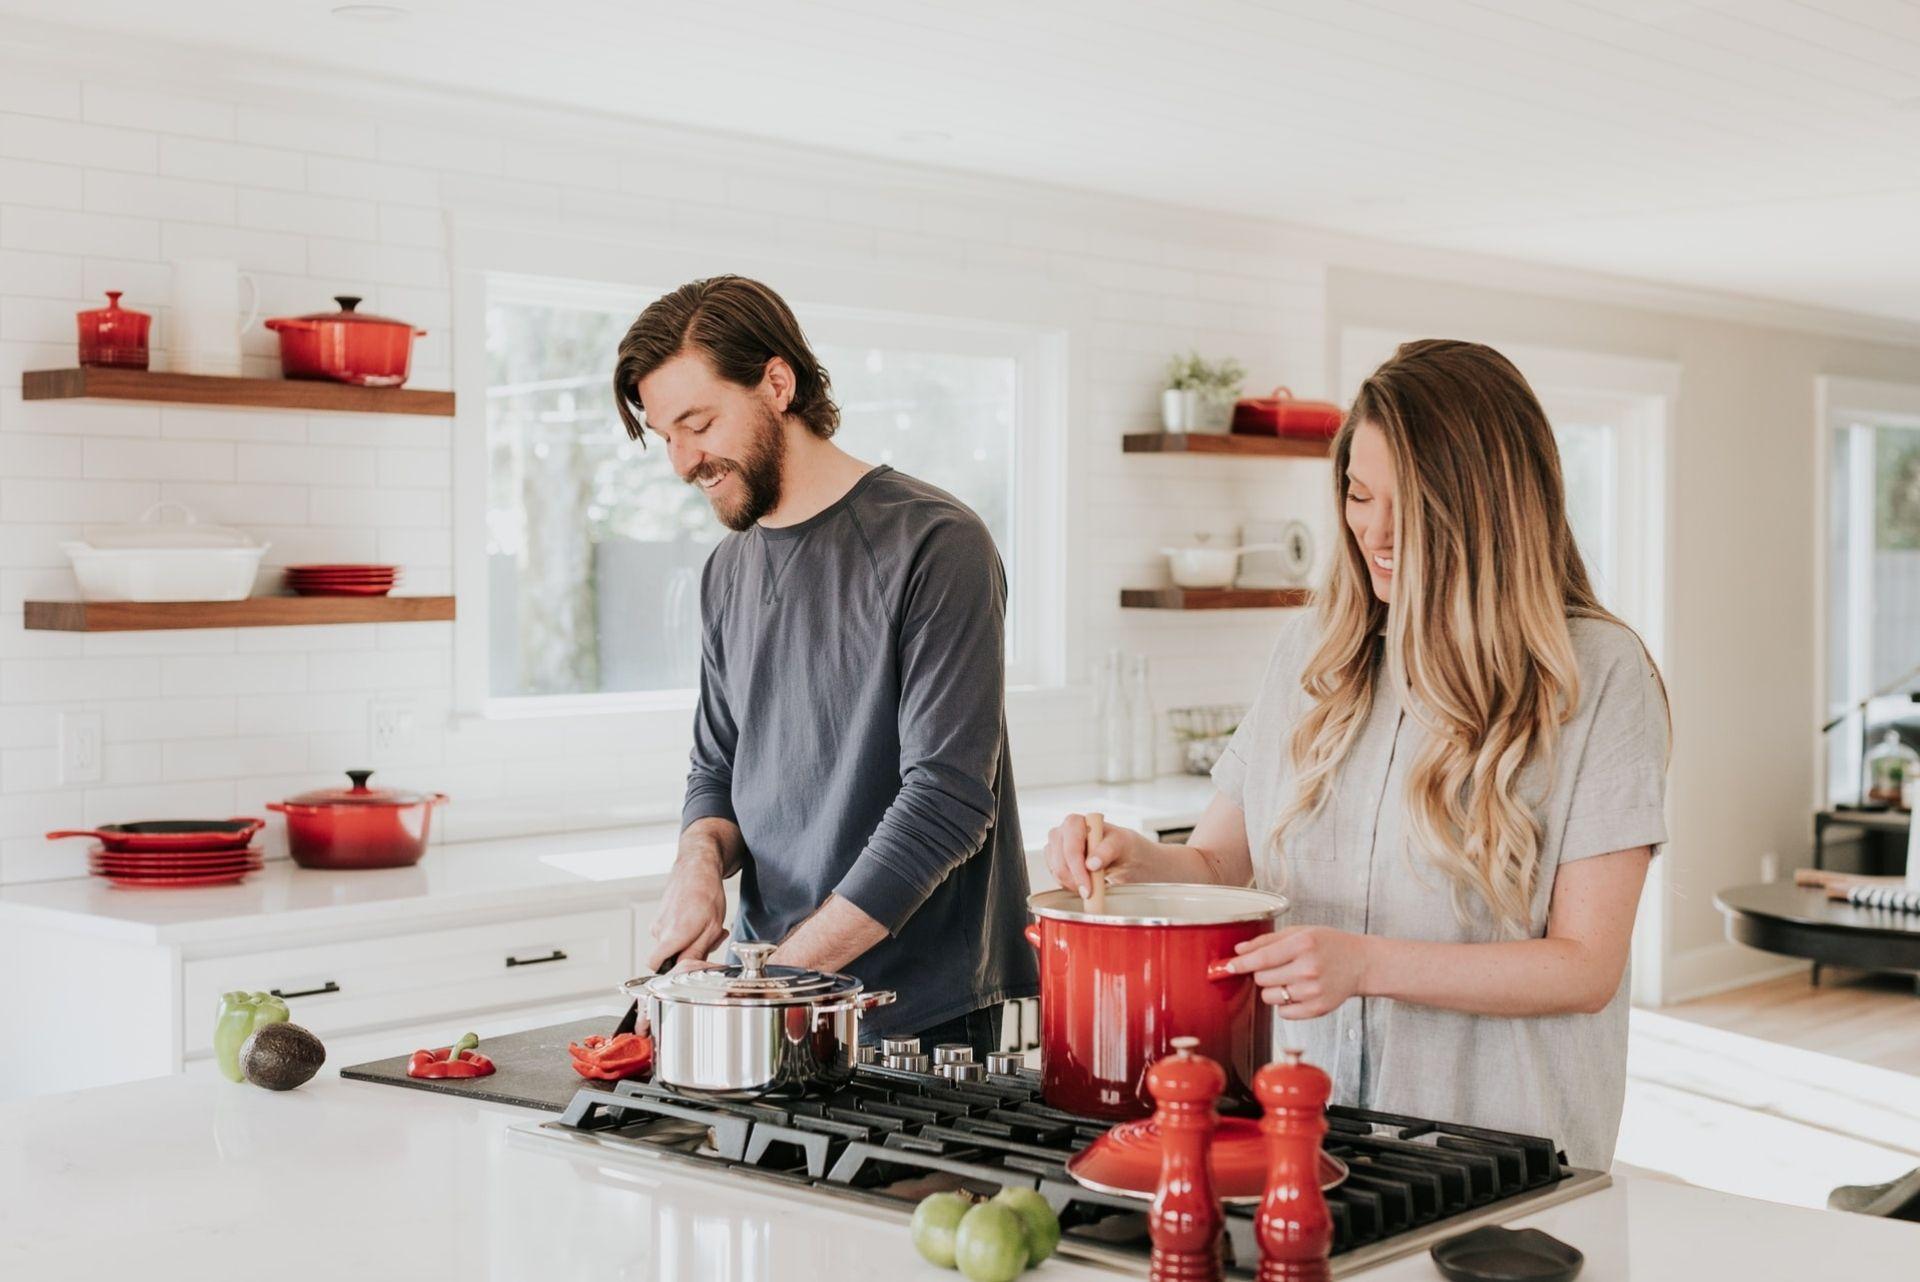 Dans la cuisine, laissez-vous inspirer par le minimalisme nordique